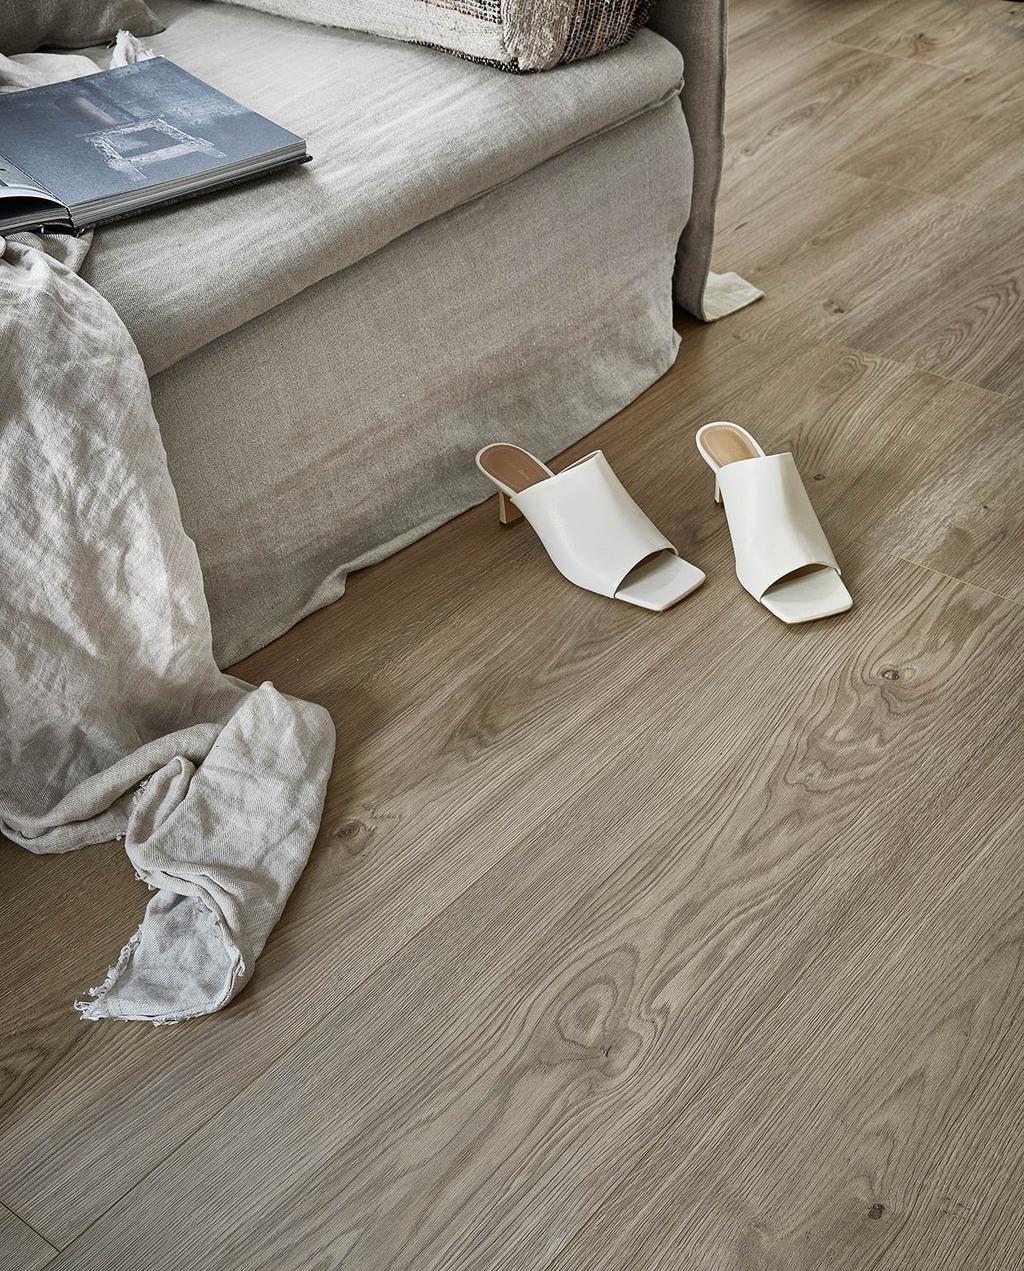 vtwonen 08-2021   evc vloer in de woonkamer met twee hakken